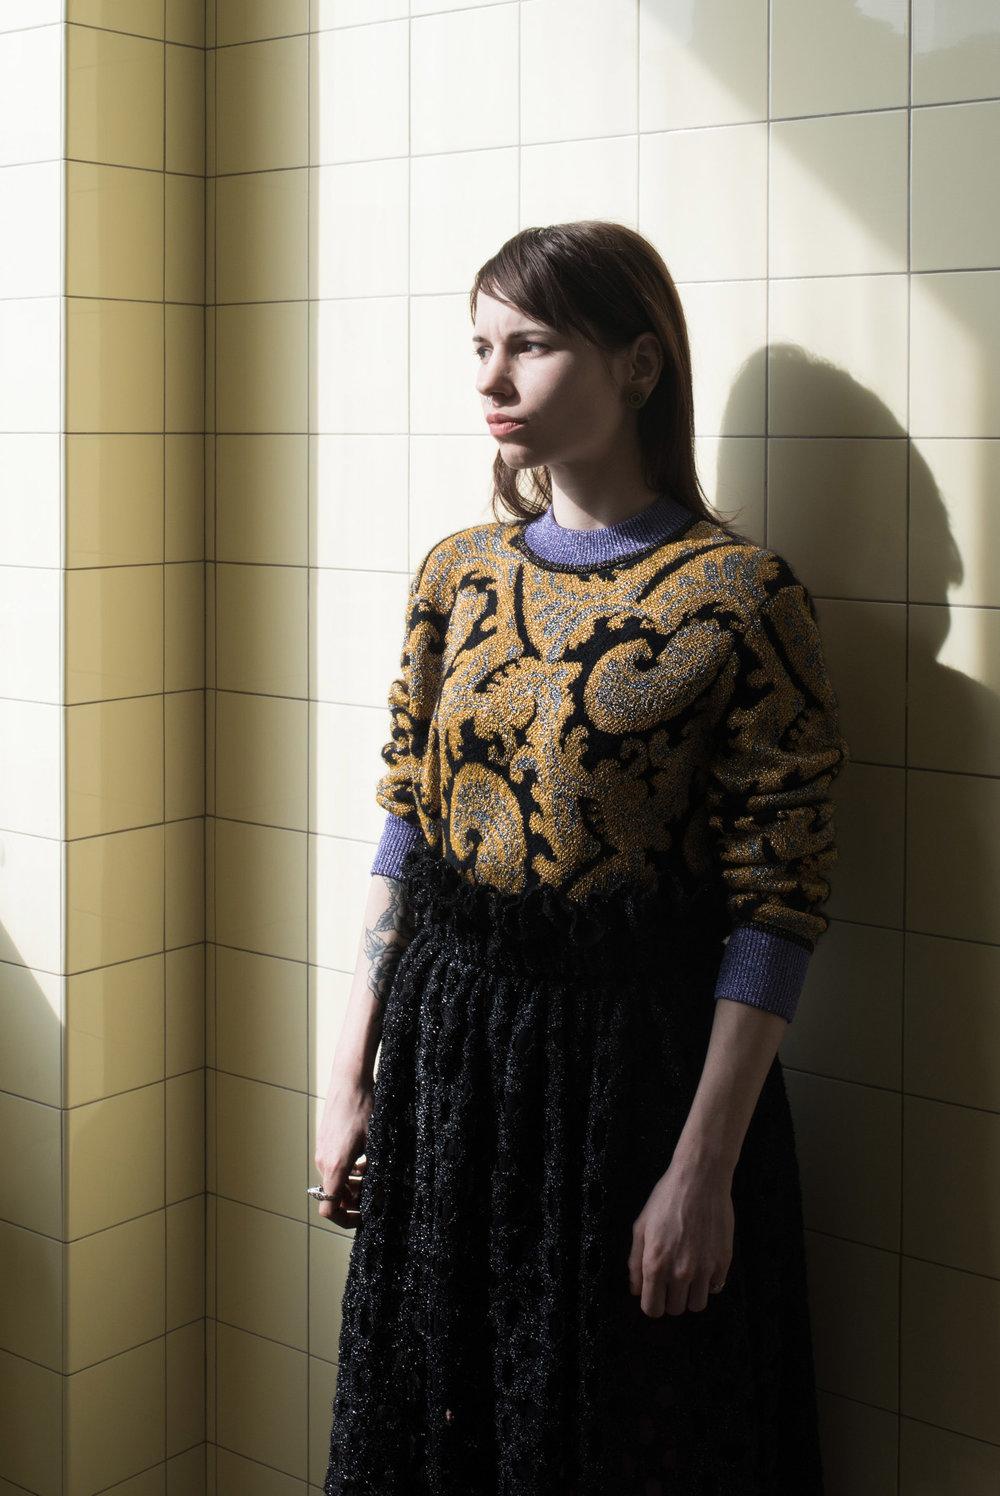 Model: Diane ● Designer: Jourden ● Art director: Eric Nehr ● Stylist: Elin Björsell